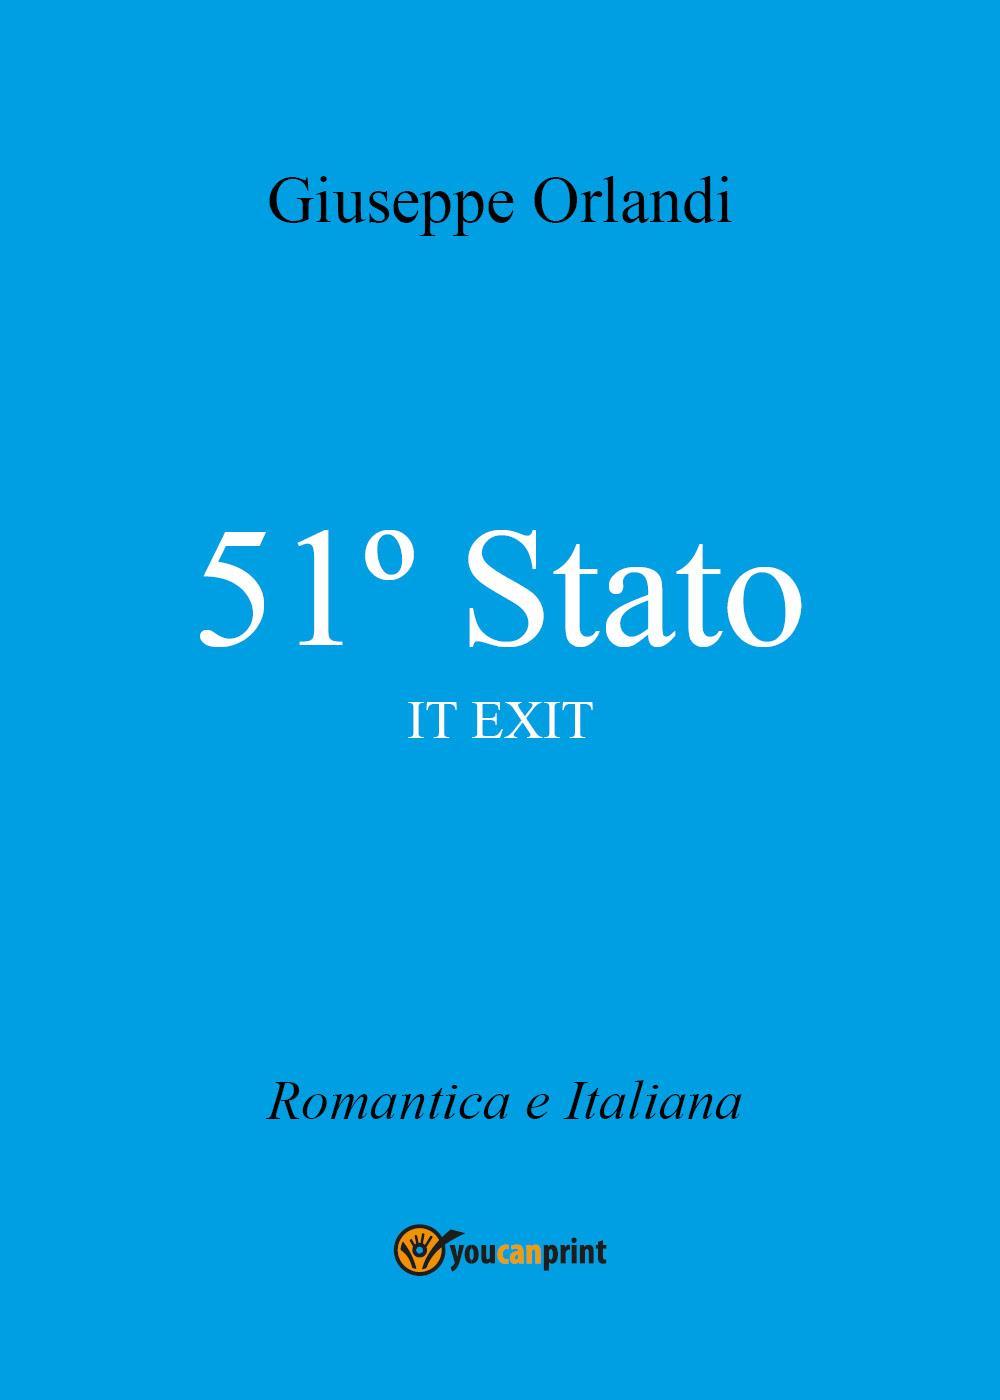 51° Stato - IT EXIT